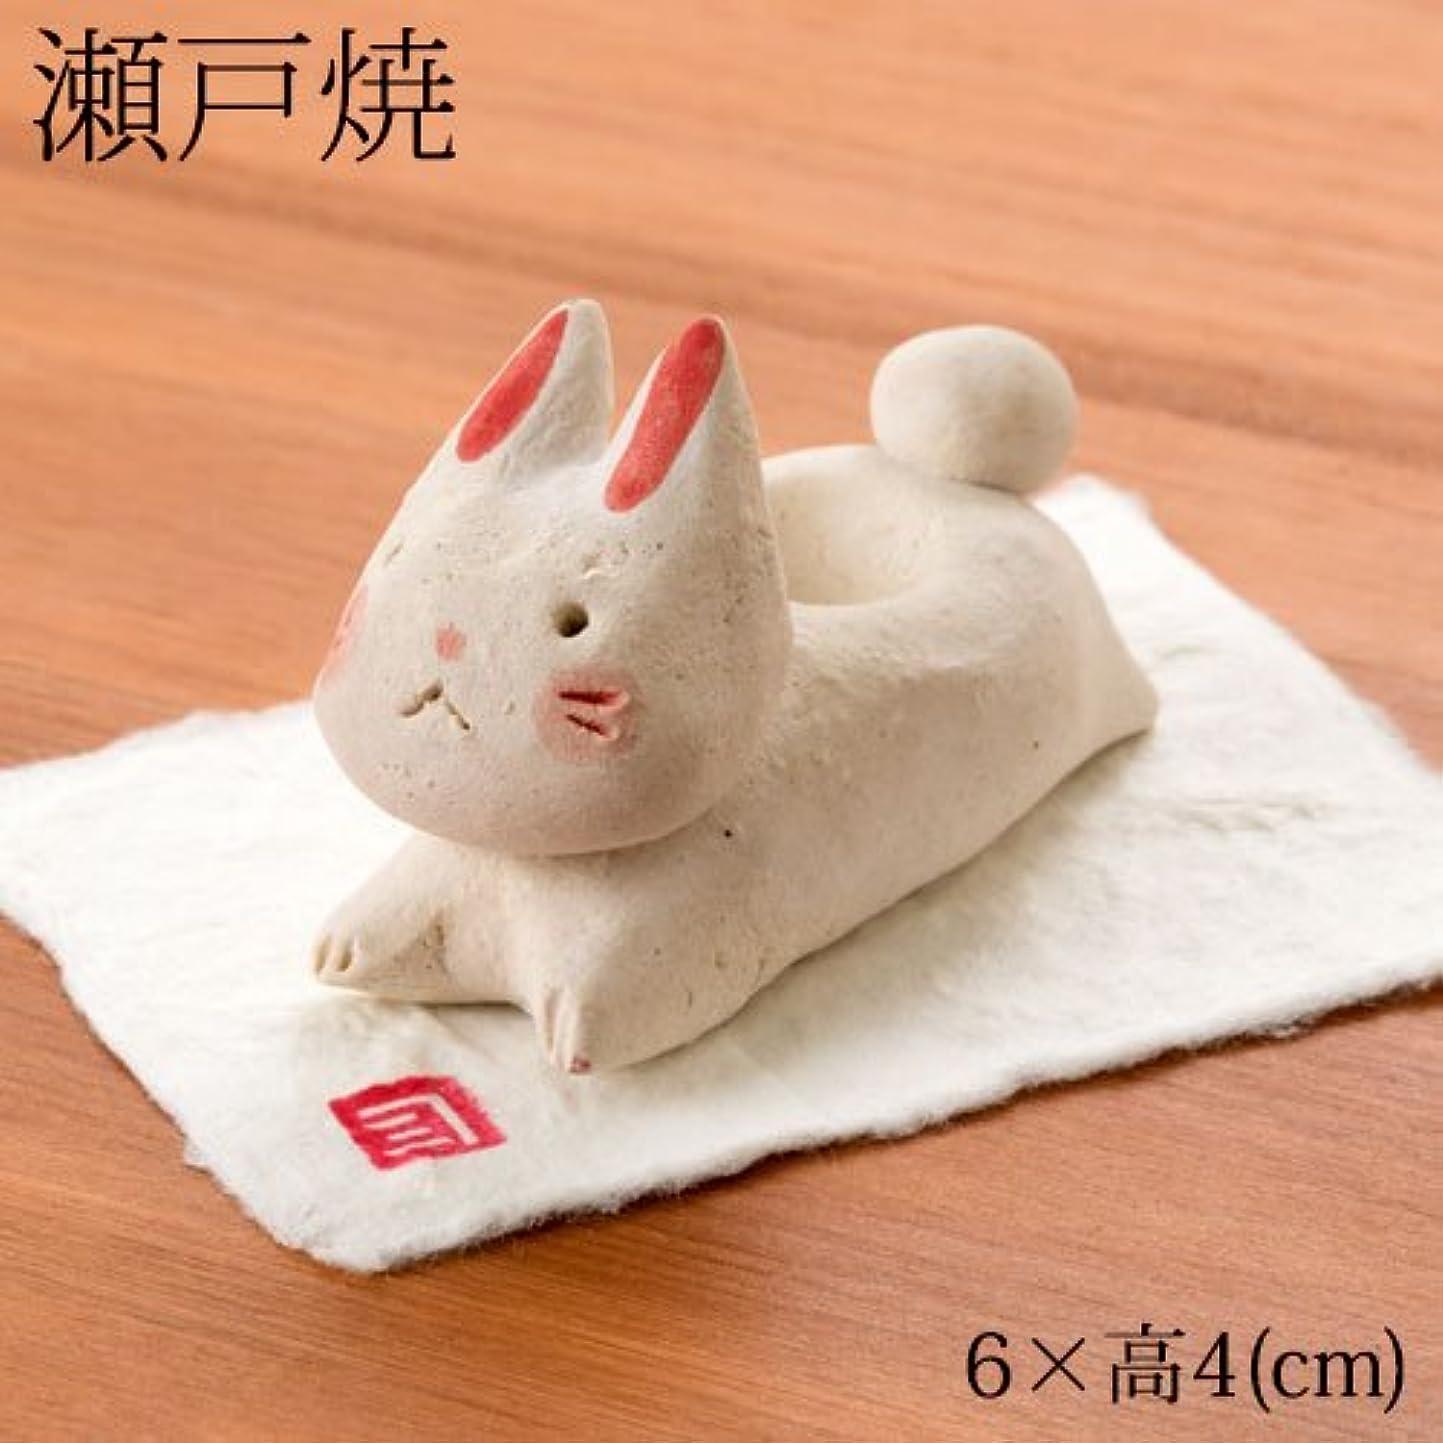 戸口刺激するホット瀬戸焼兎アロマストーン (K6302)愛知県の工芸品Seto-yaki Aroma stone, Aichi craft